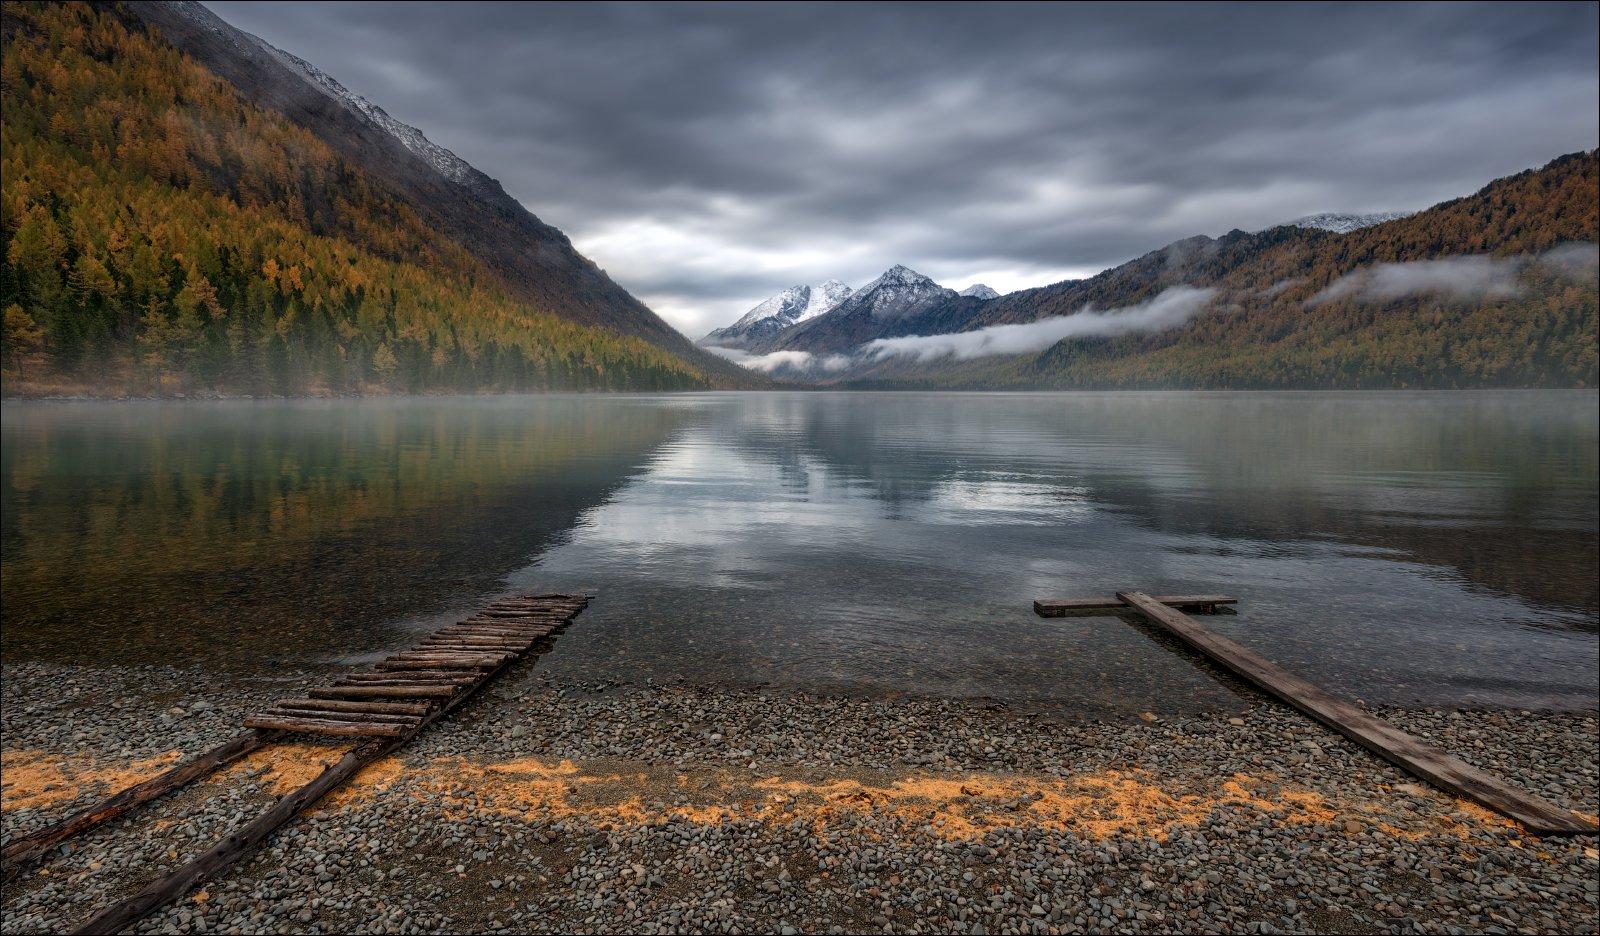 алтай, осень, мульта, нижнее мультинское озеро, тишина, осень, горы, россия, Влад Соколовский